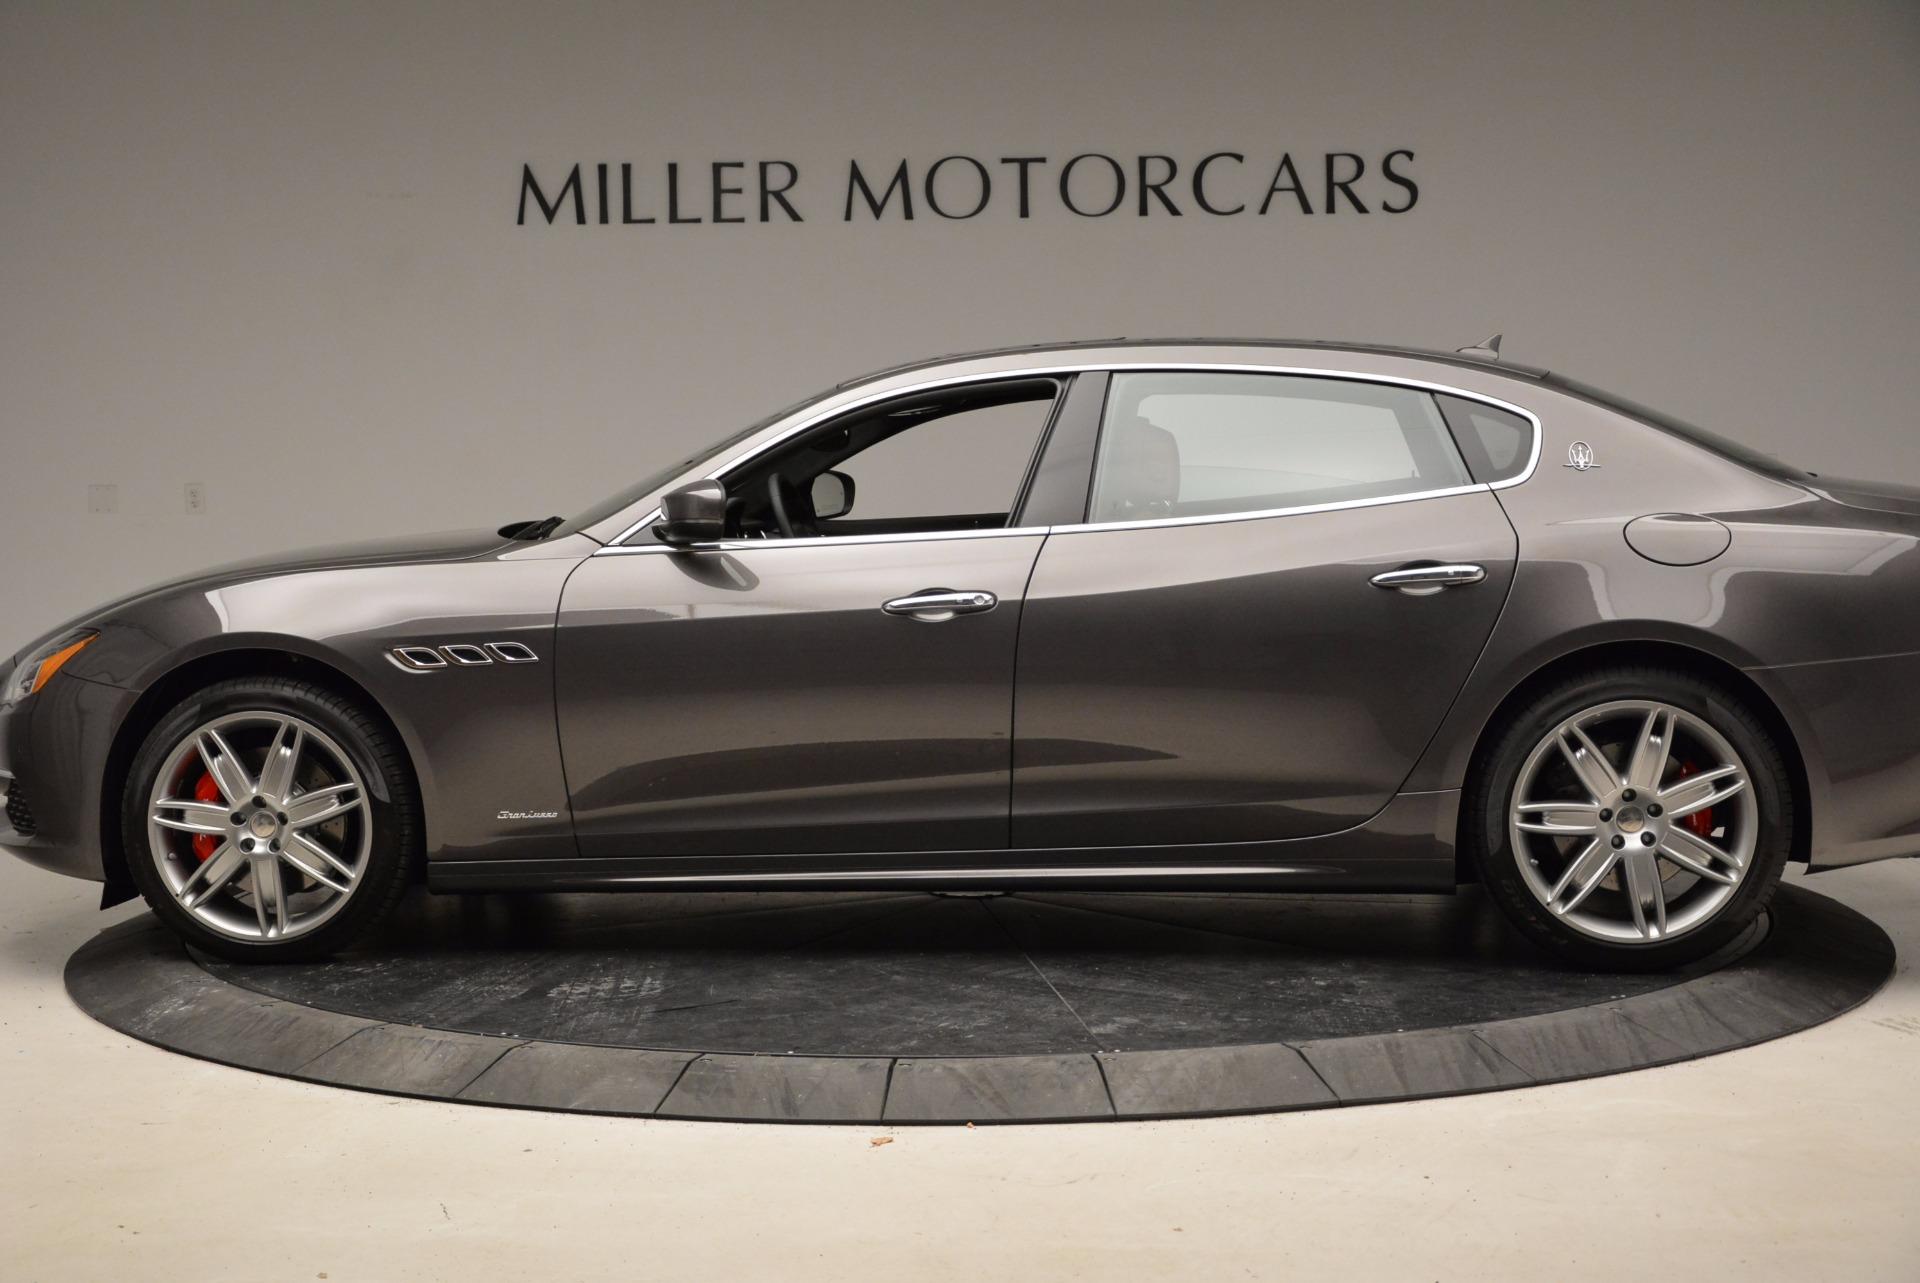 New 2018 Maserati Quattroporte S Q4 GranLusso For Sale In Greenwich, CT 1888_p4